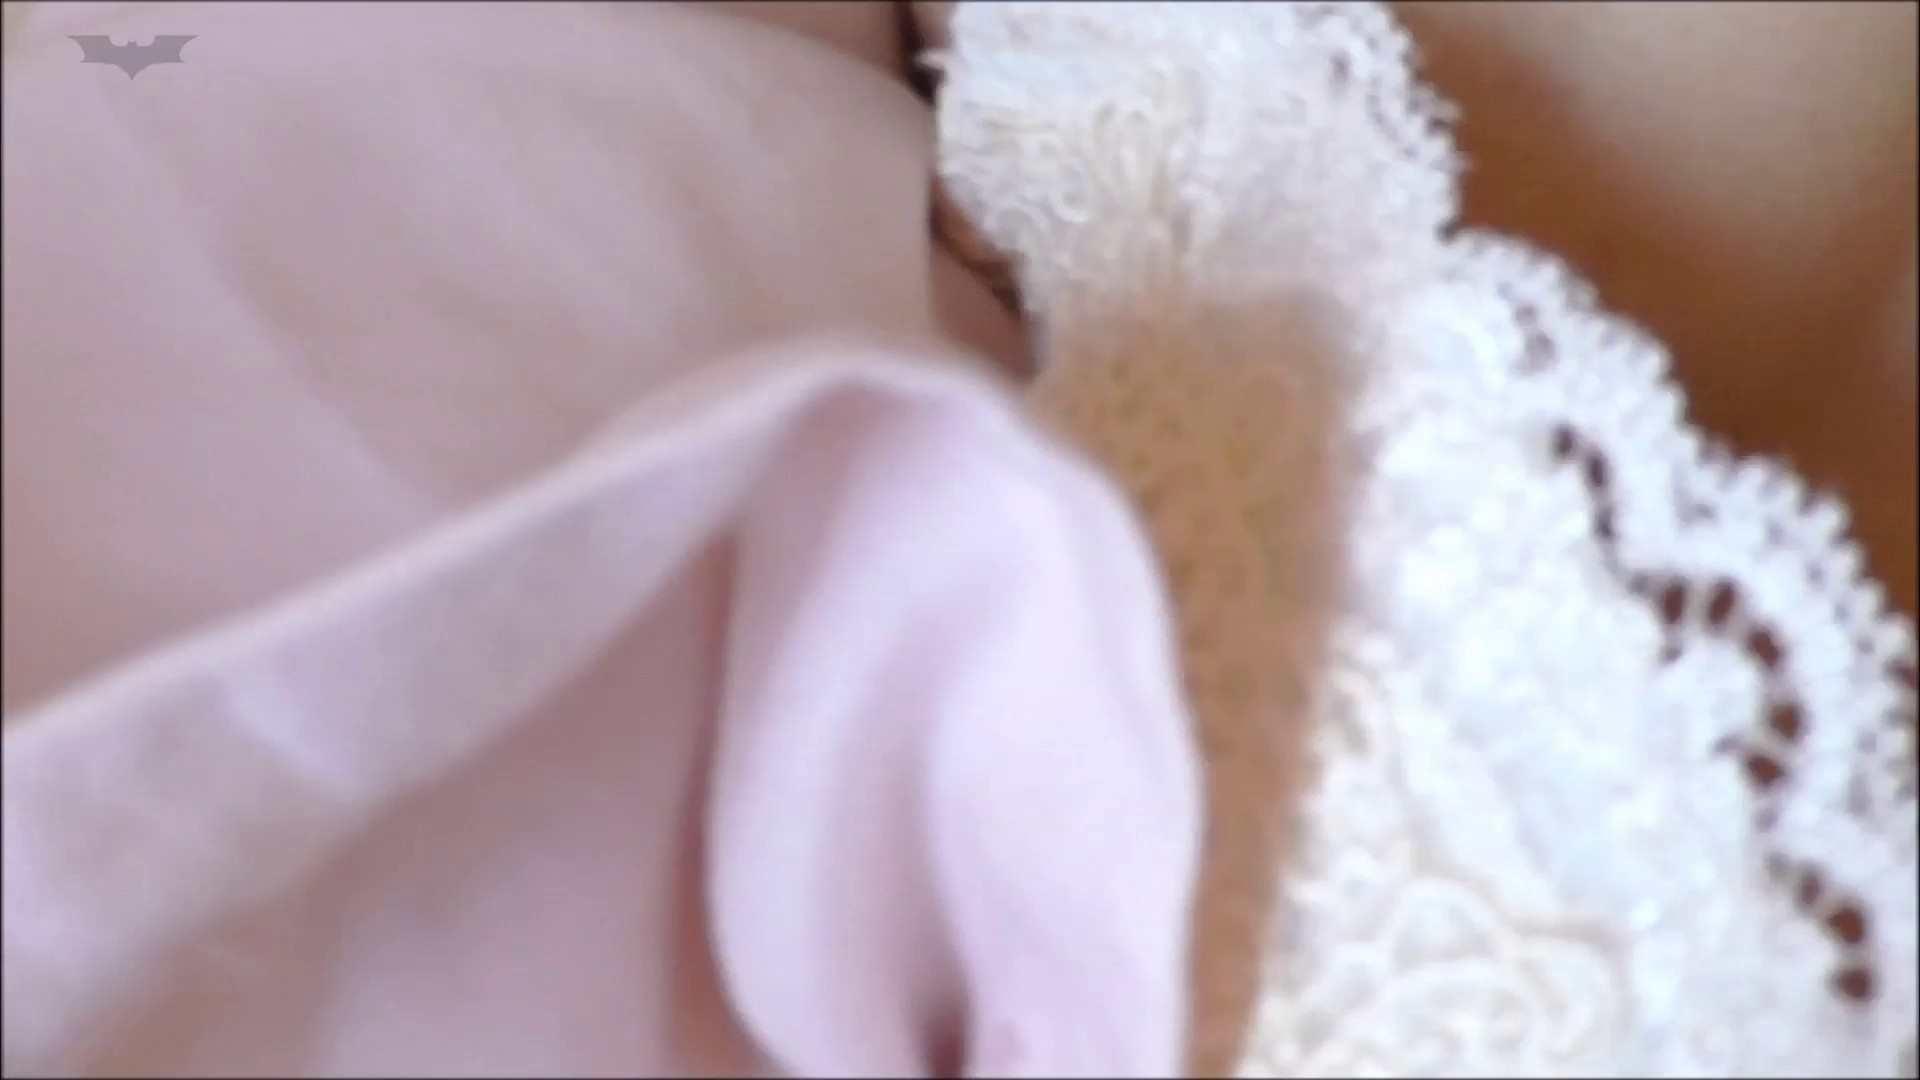 パンツを売る女 Vol.05 なんだかんだホテルに連れ込みバイブで。。。 いじくり 性交動画流出 95画像 7